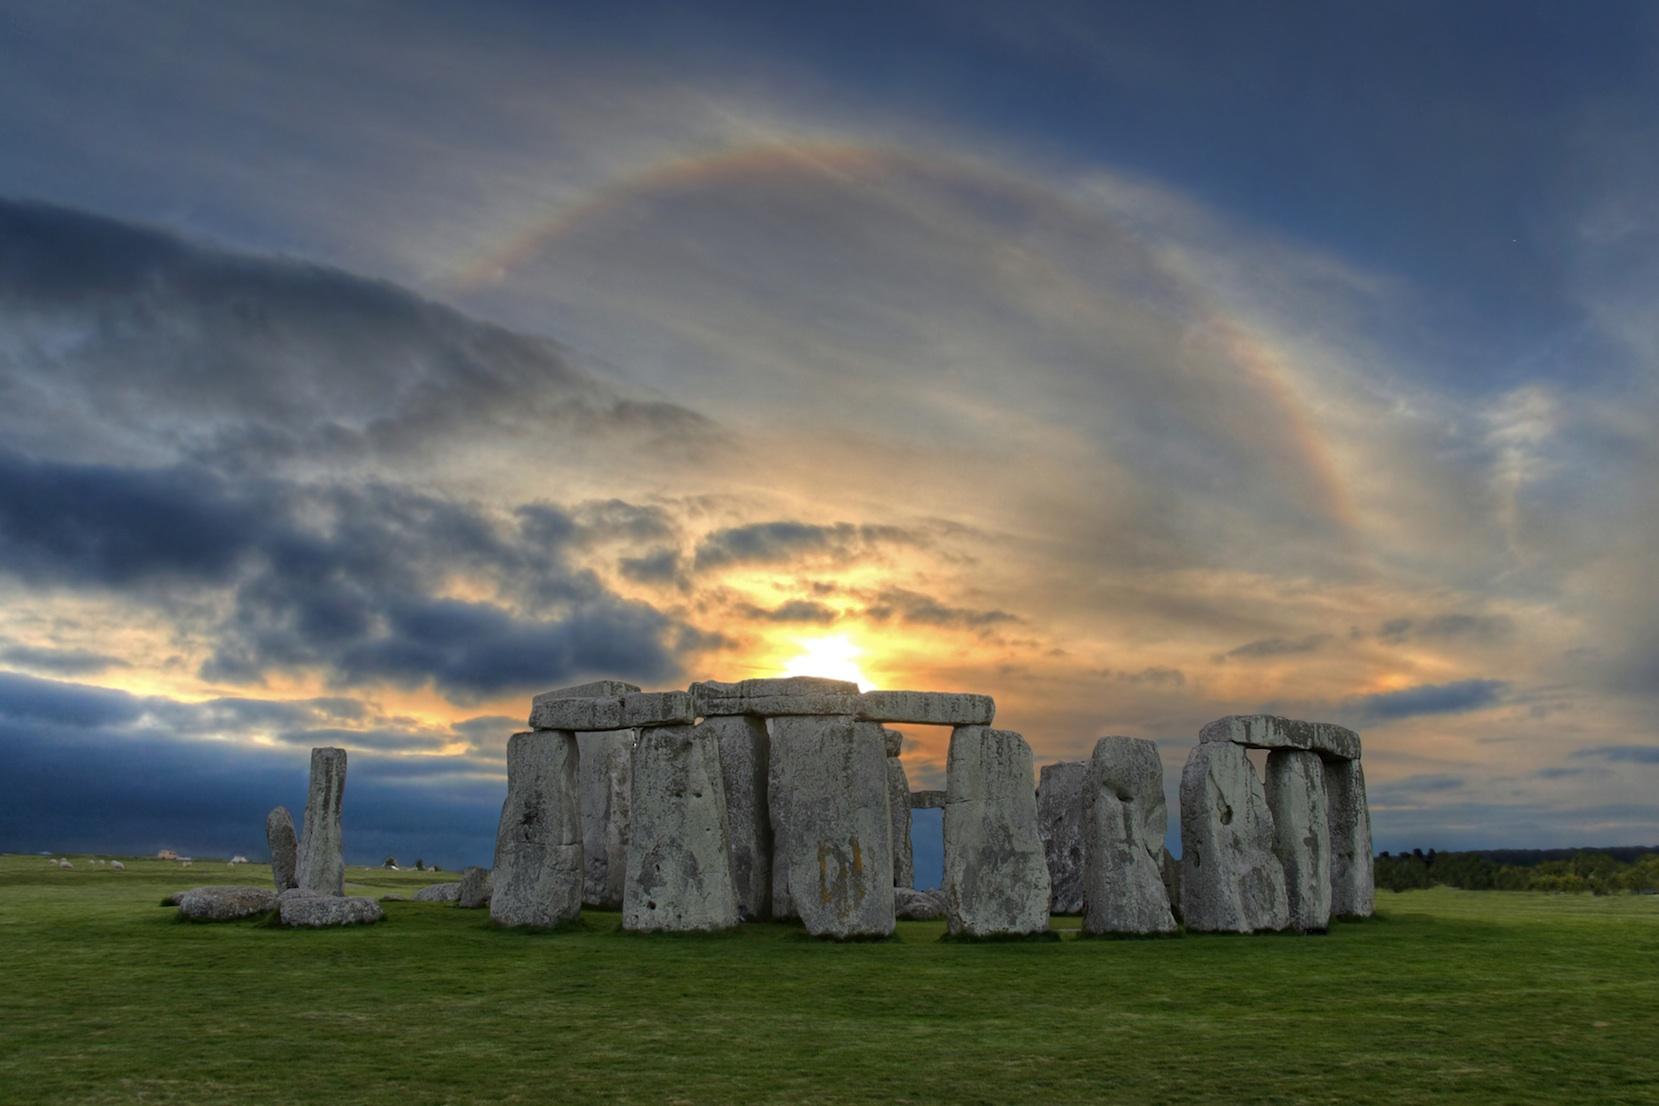 Stonehenge-Depositphotos_1520251-lo-res